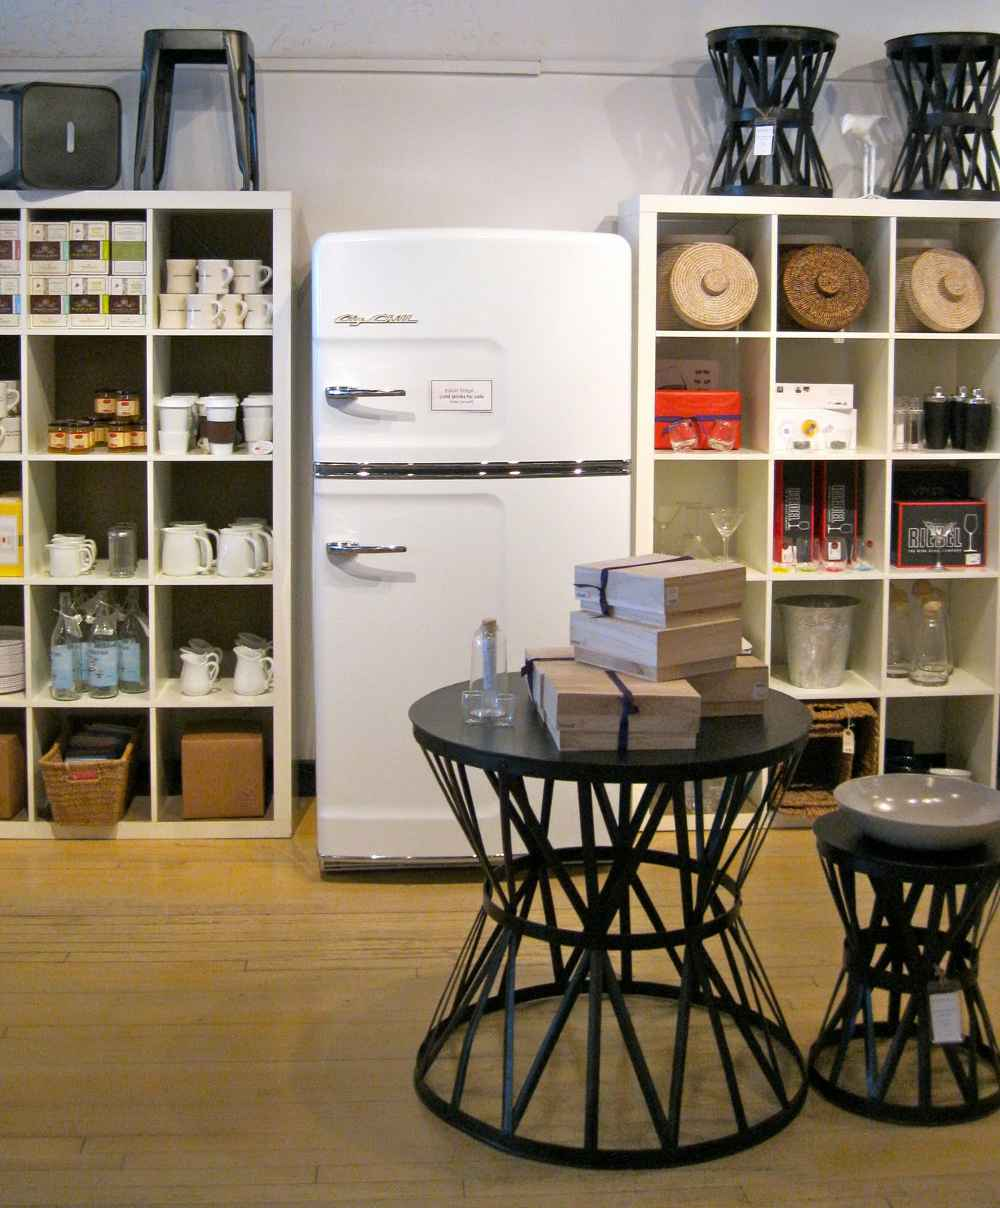 Refrigerator freezer design for kitchen